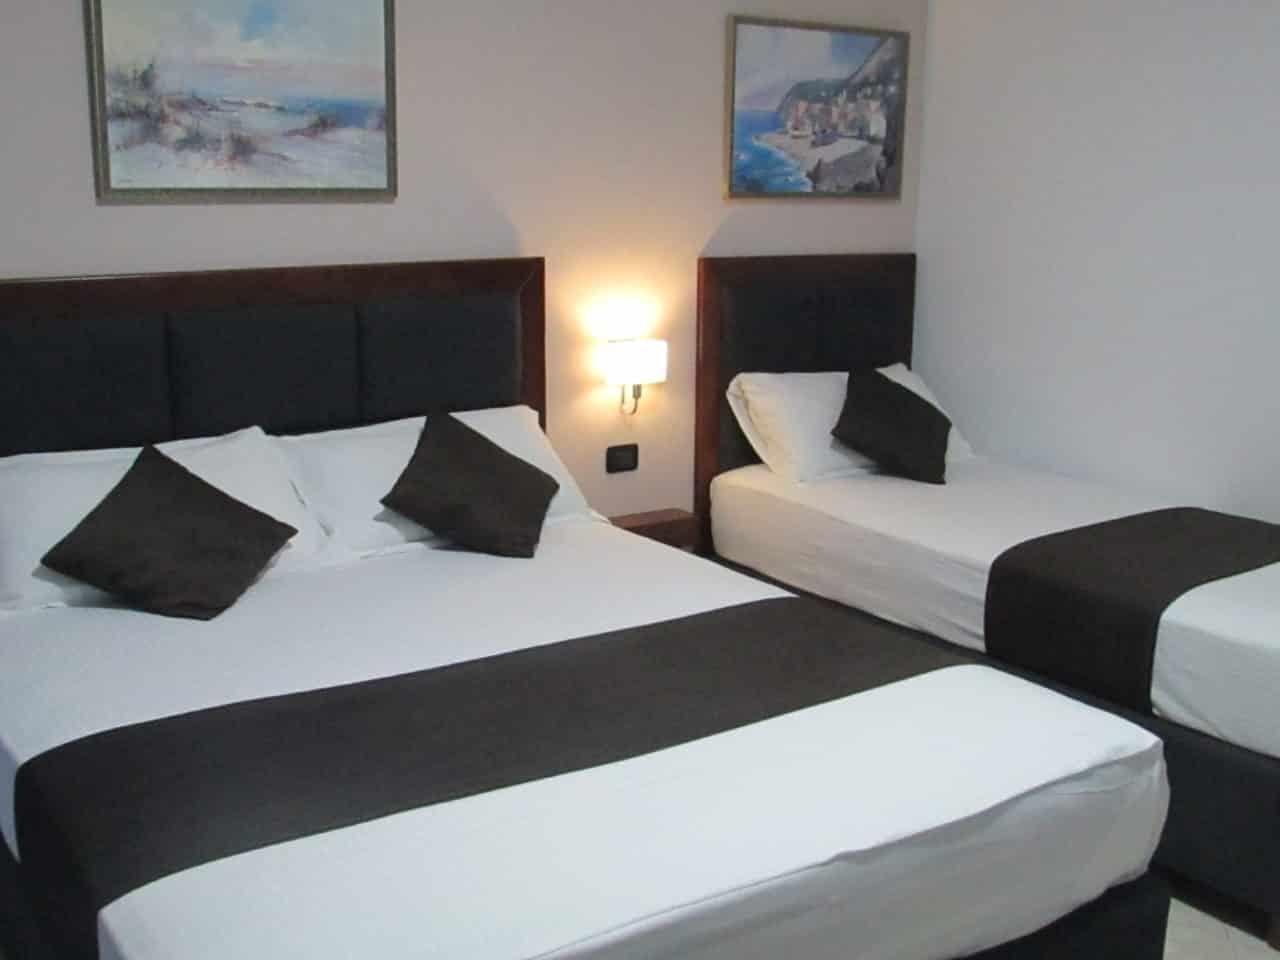 zimmer f r 3 hotel antag. Black Bedroom Furniture Sets. Home Design Ideas